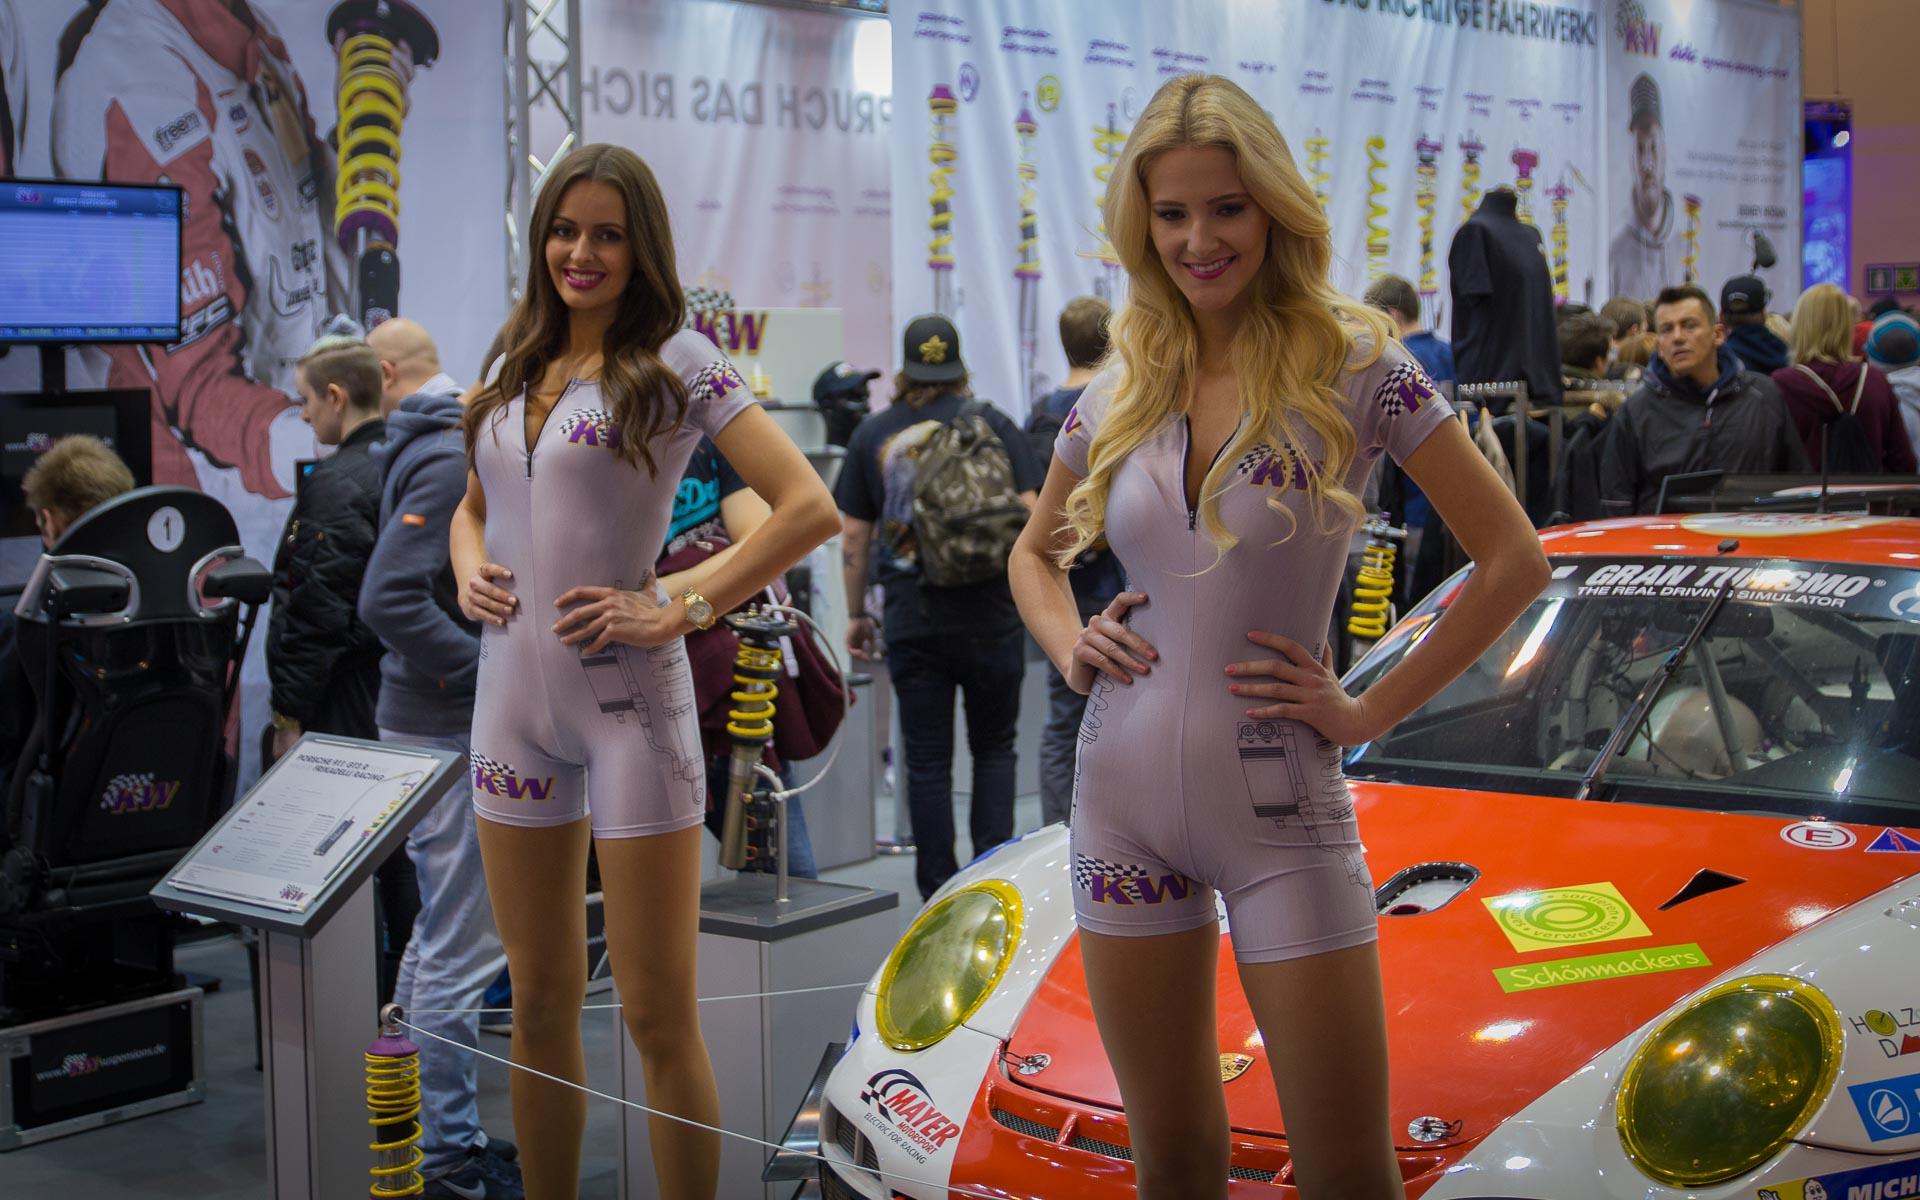 Essen Motor Show 2015 Kw Hostessen Read Compare